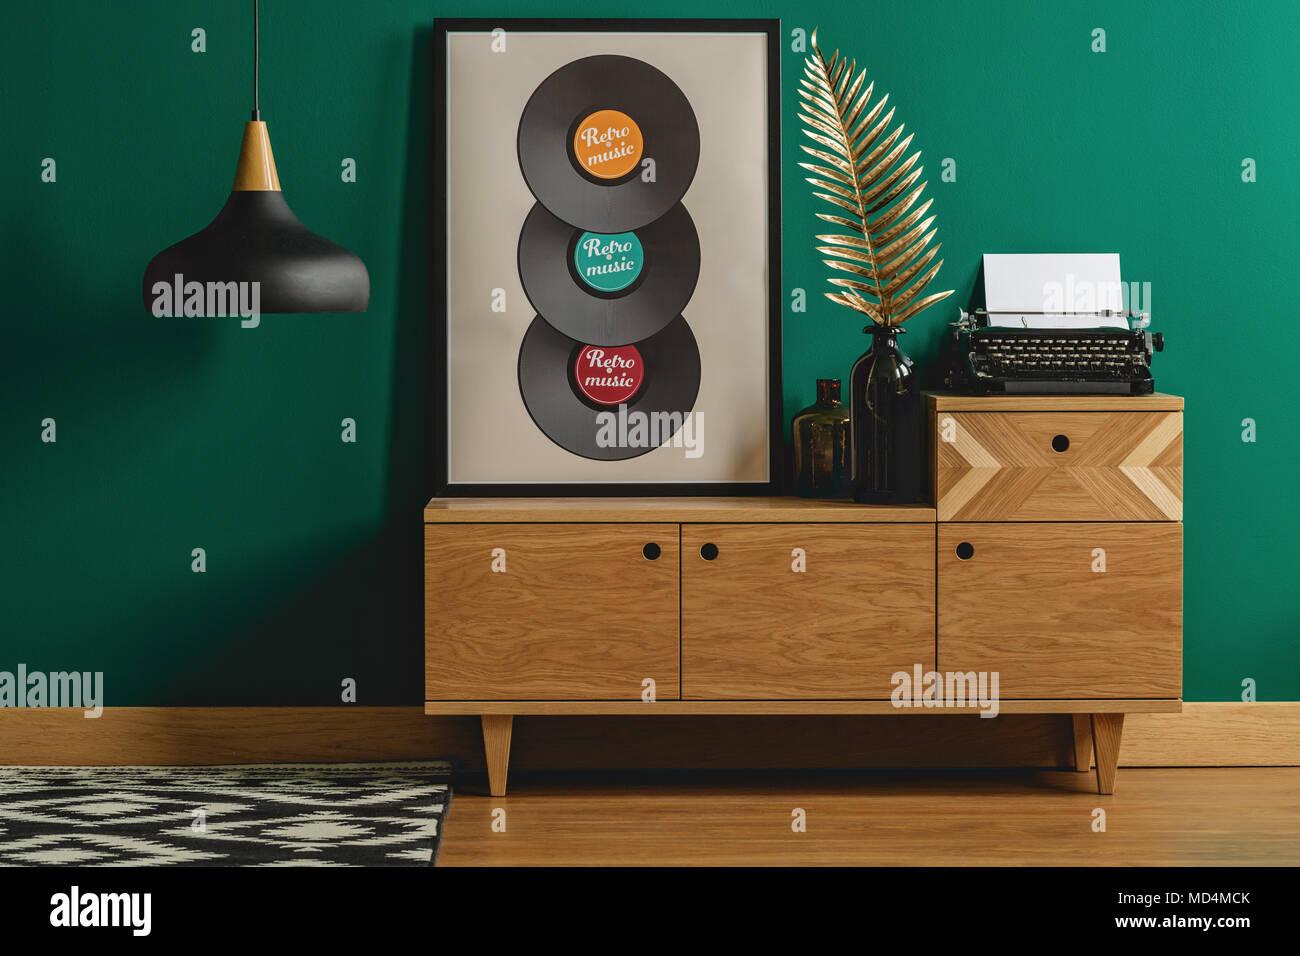 Eine Alte Schreibmaschine Und Ein Golden Leaf Dekoration Auf Einem Nach  Skandinavischer Art Holz  Sideboard In Ein Dunkles Grün Hipster Schlafzimmer  ...